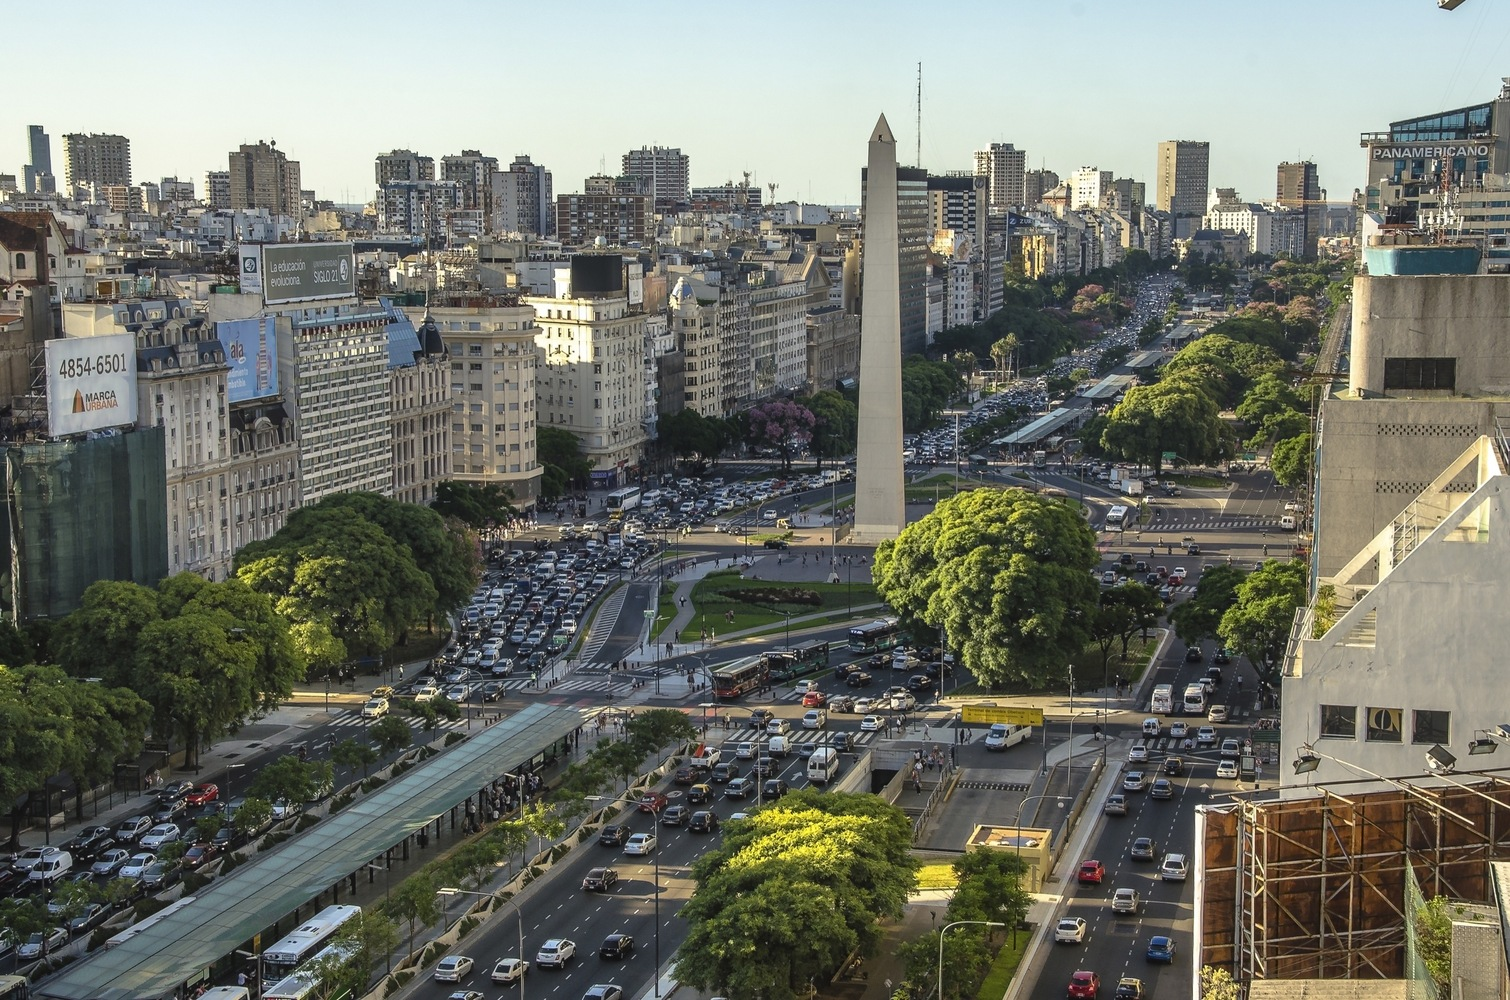 Буэнос Айрес  при всей своей монументальности выглядит вполне приветливым местом